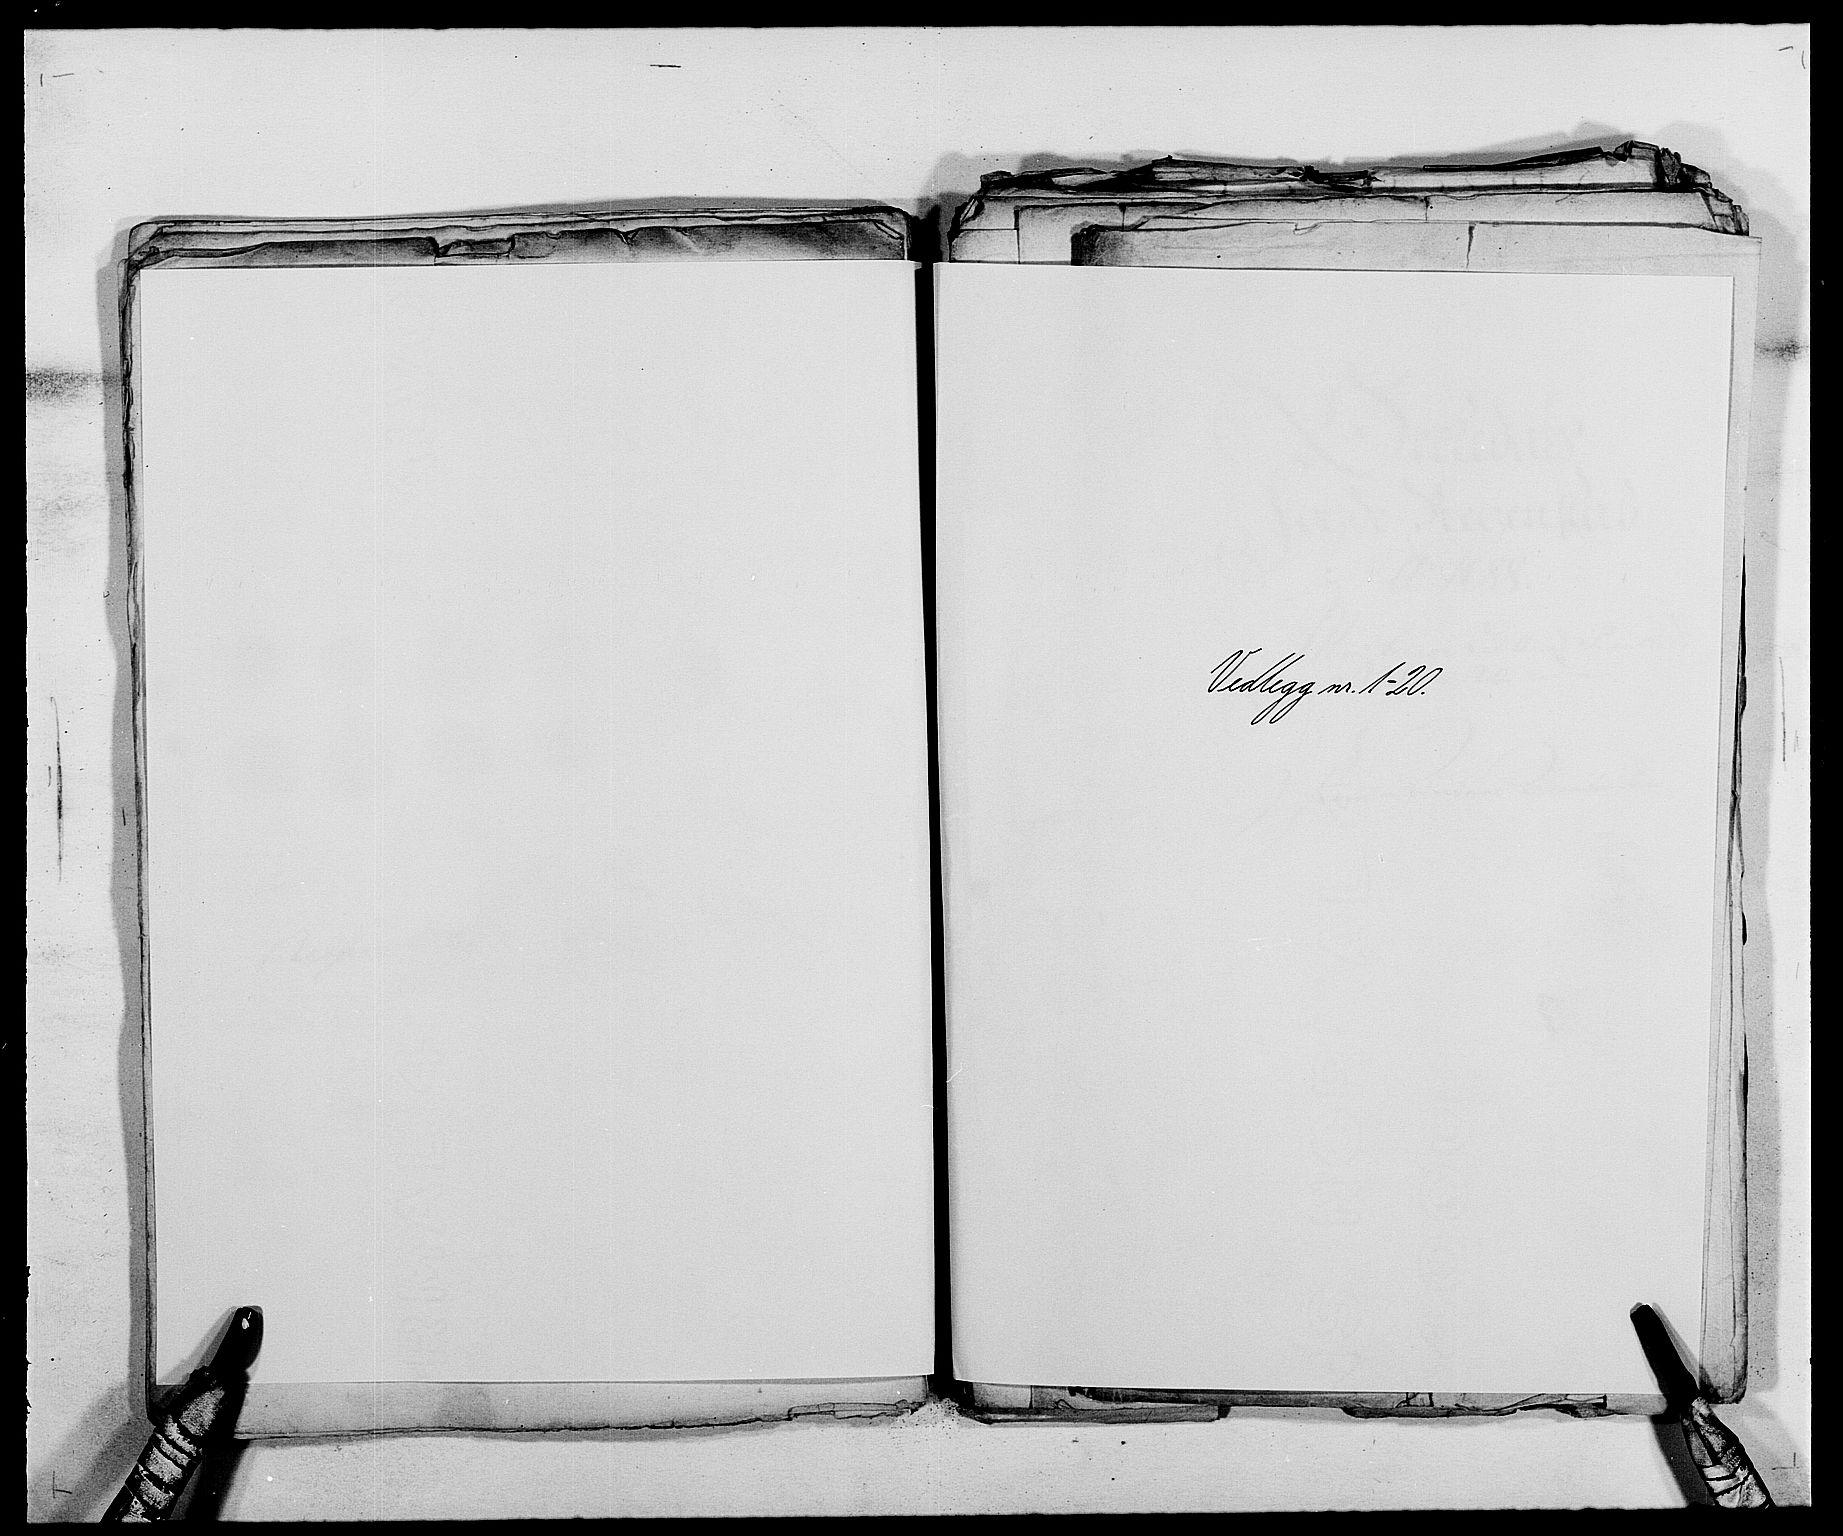 RA, Rentekammeret inntil 1814, Reviderte regnskaper, Fogderegnskap, R58/L3935: Fogderegnskap Orkdal, 1687-1688, s. 358